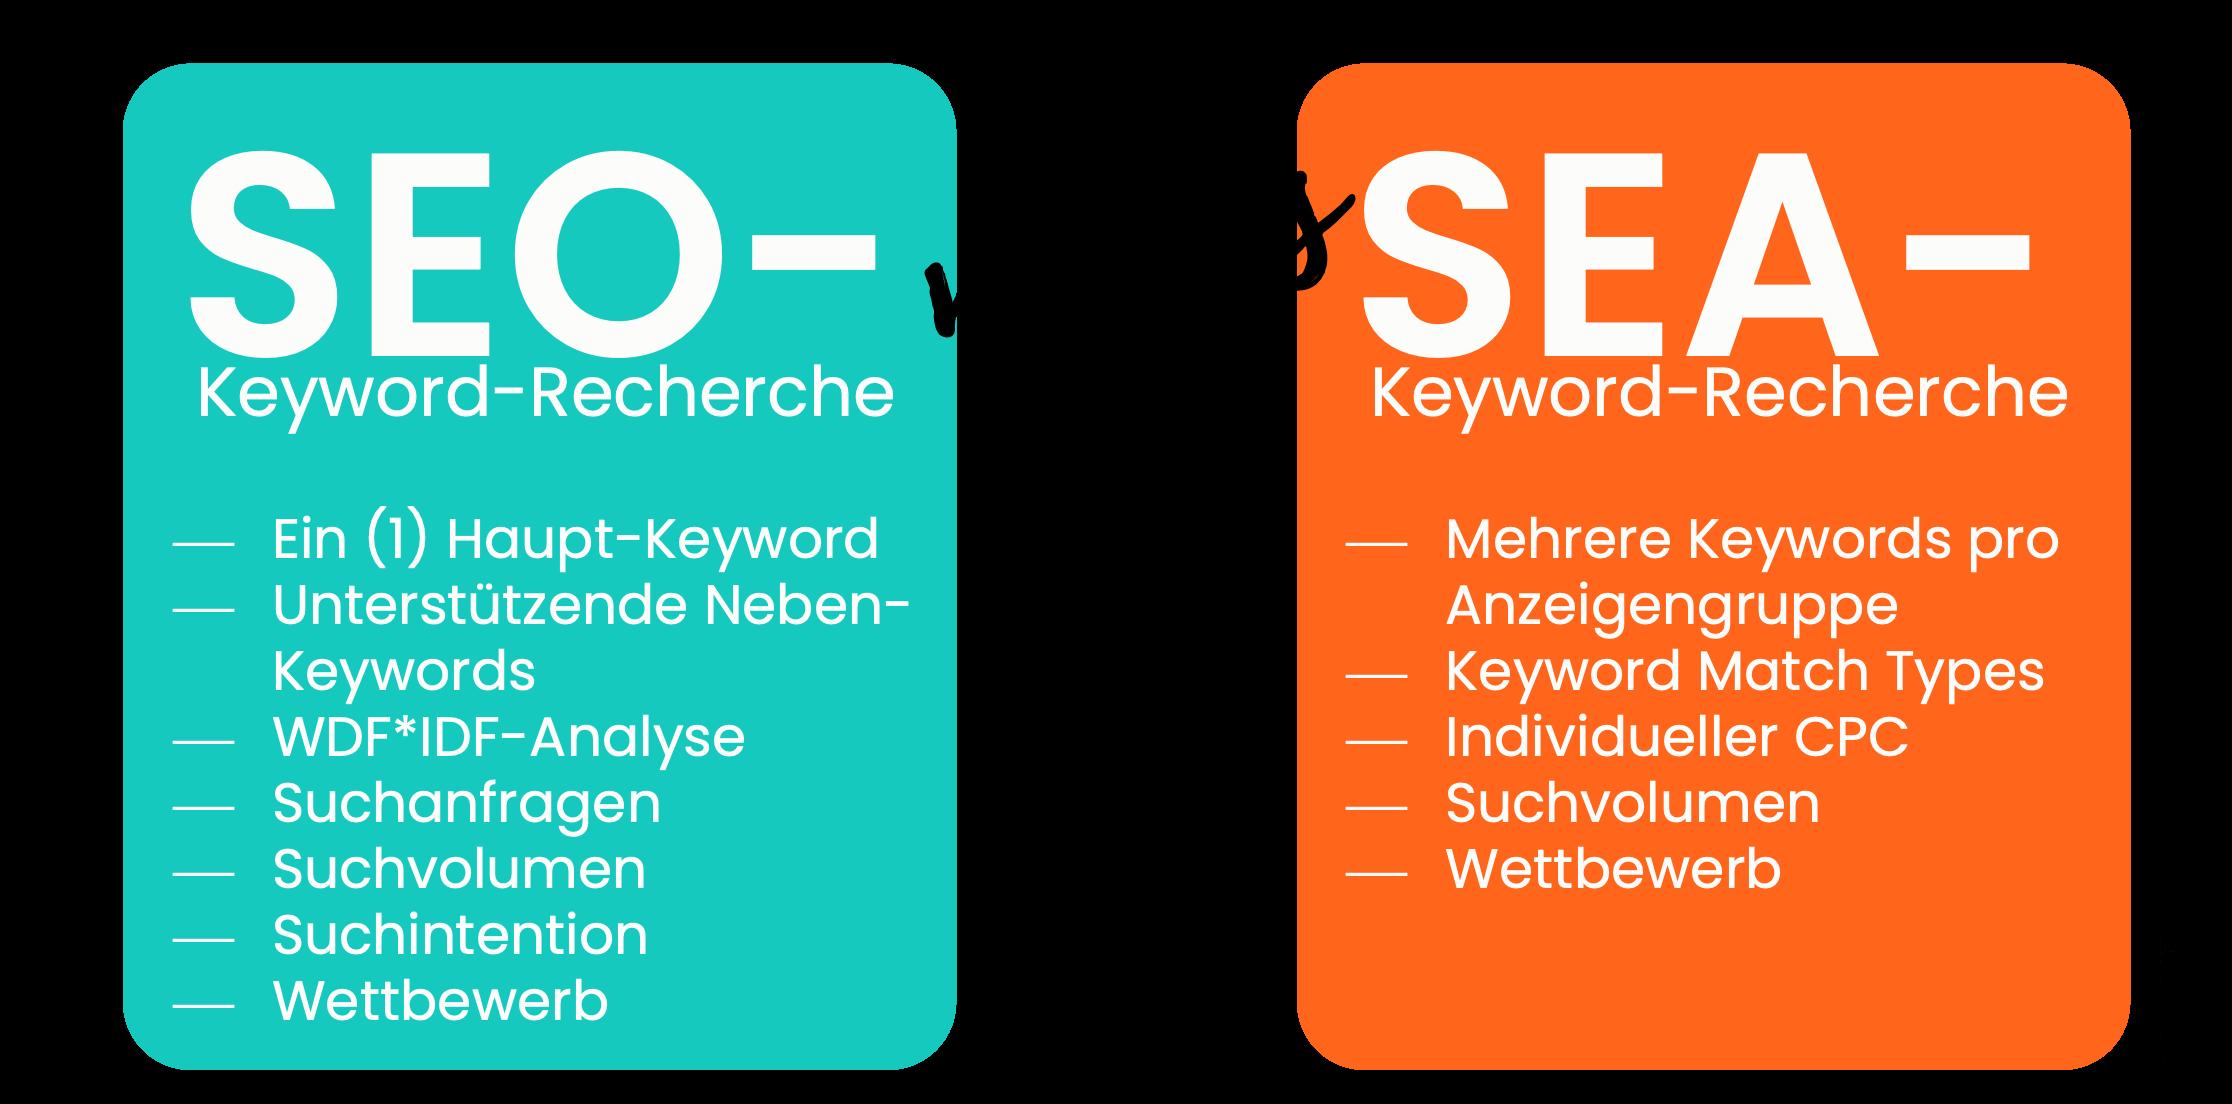 Unterschied der Keyword-Recherche für Google Ads, SEA & SEO